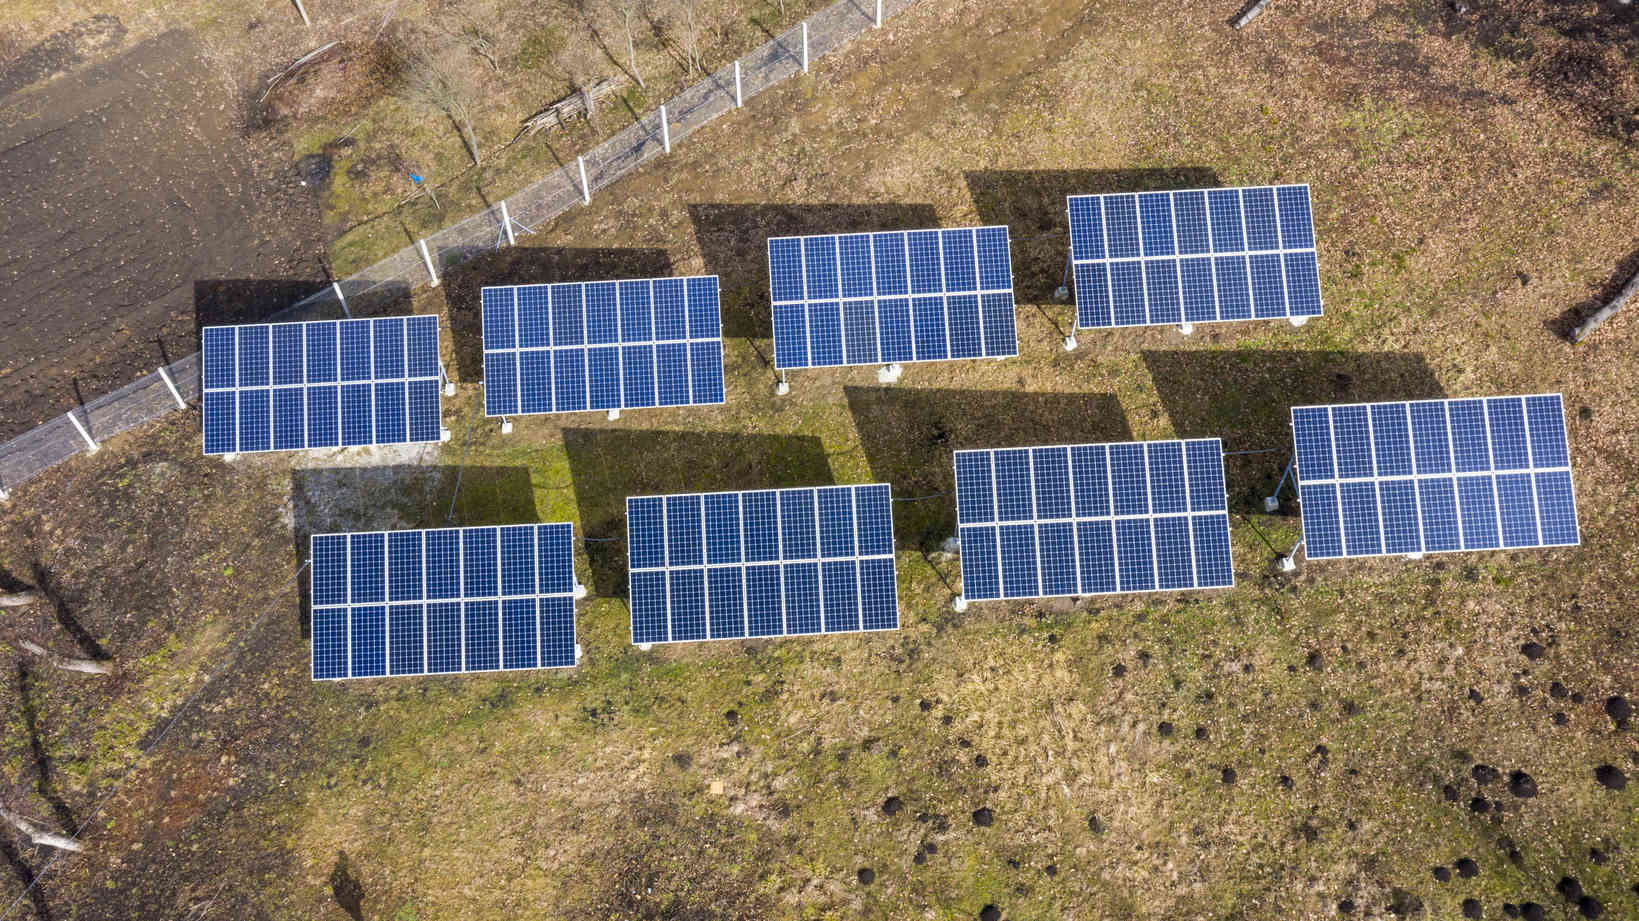 Мережева сонячна електростанція (СЕС) потужністю 38,64 кВт – Фотозвіт #1